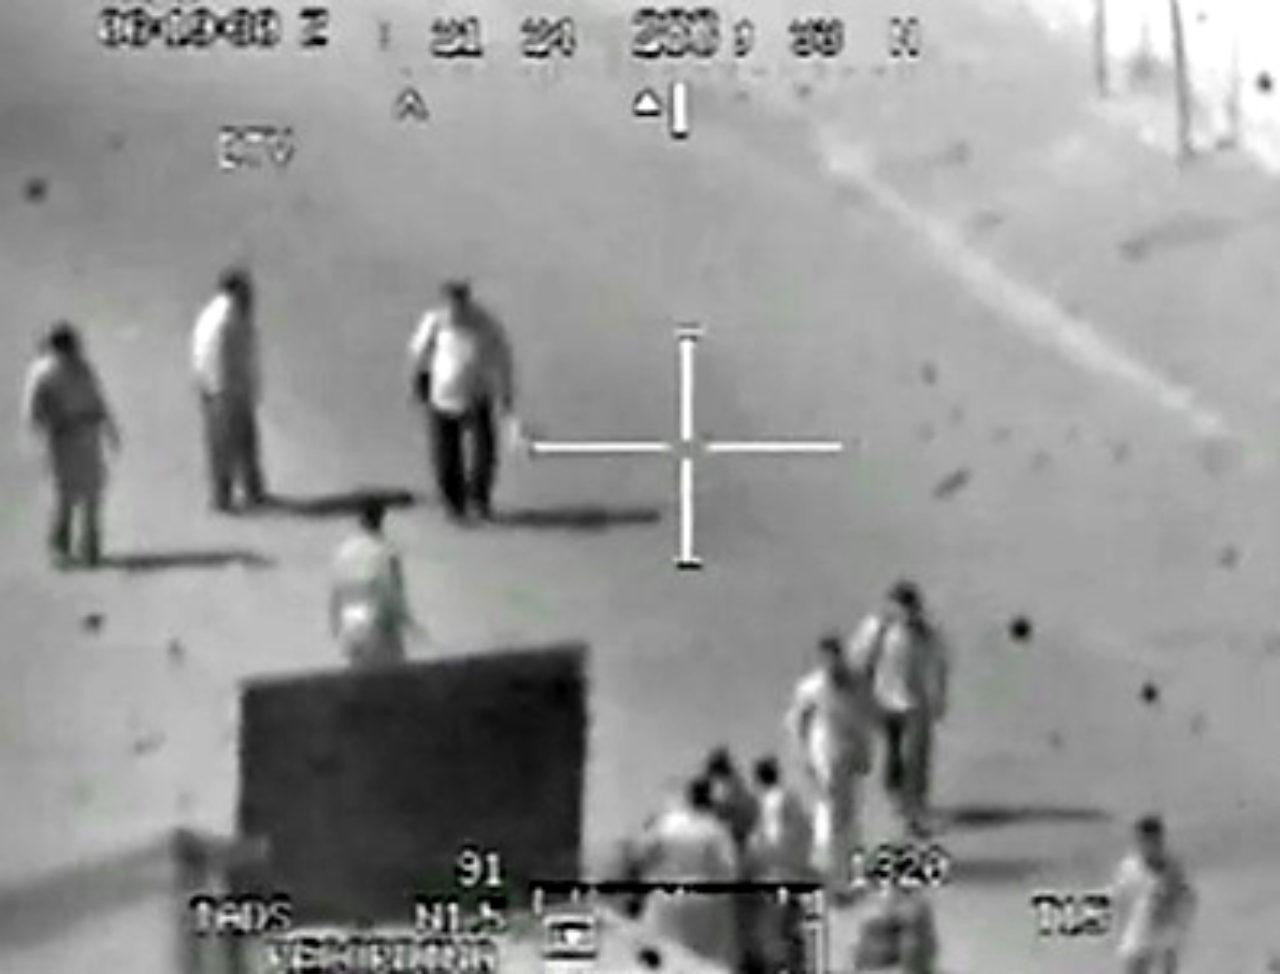 الغارة الجوية على بغداد في 12 يوليو 2007 (القتل الجماعي) Collateraldamage-wikileaks-video-02